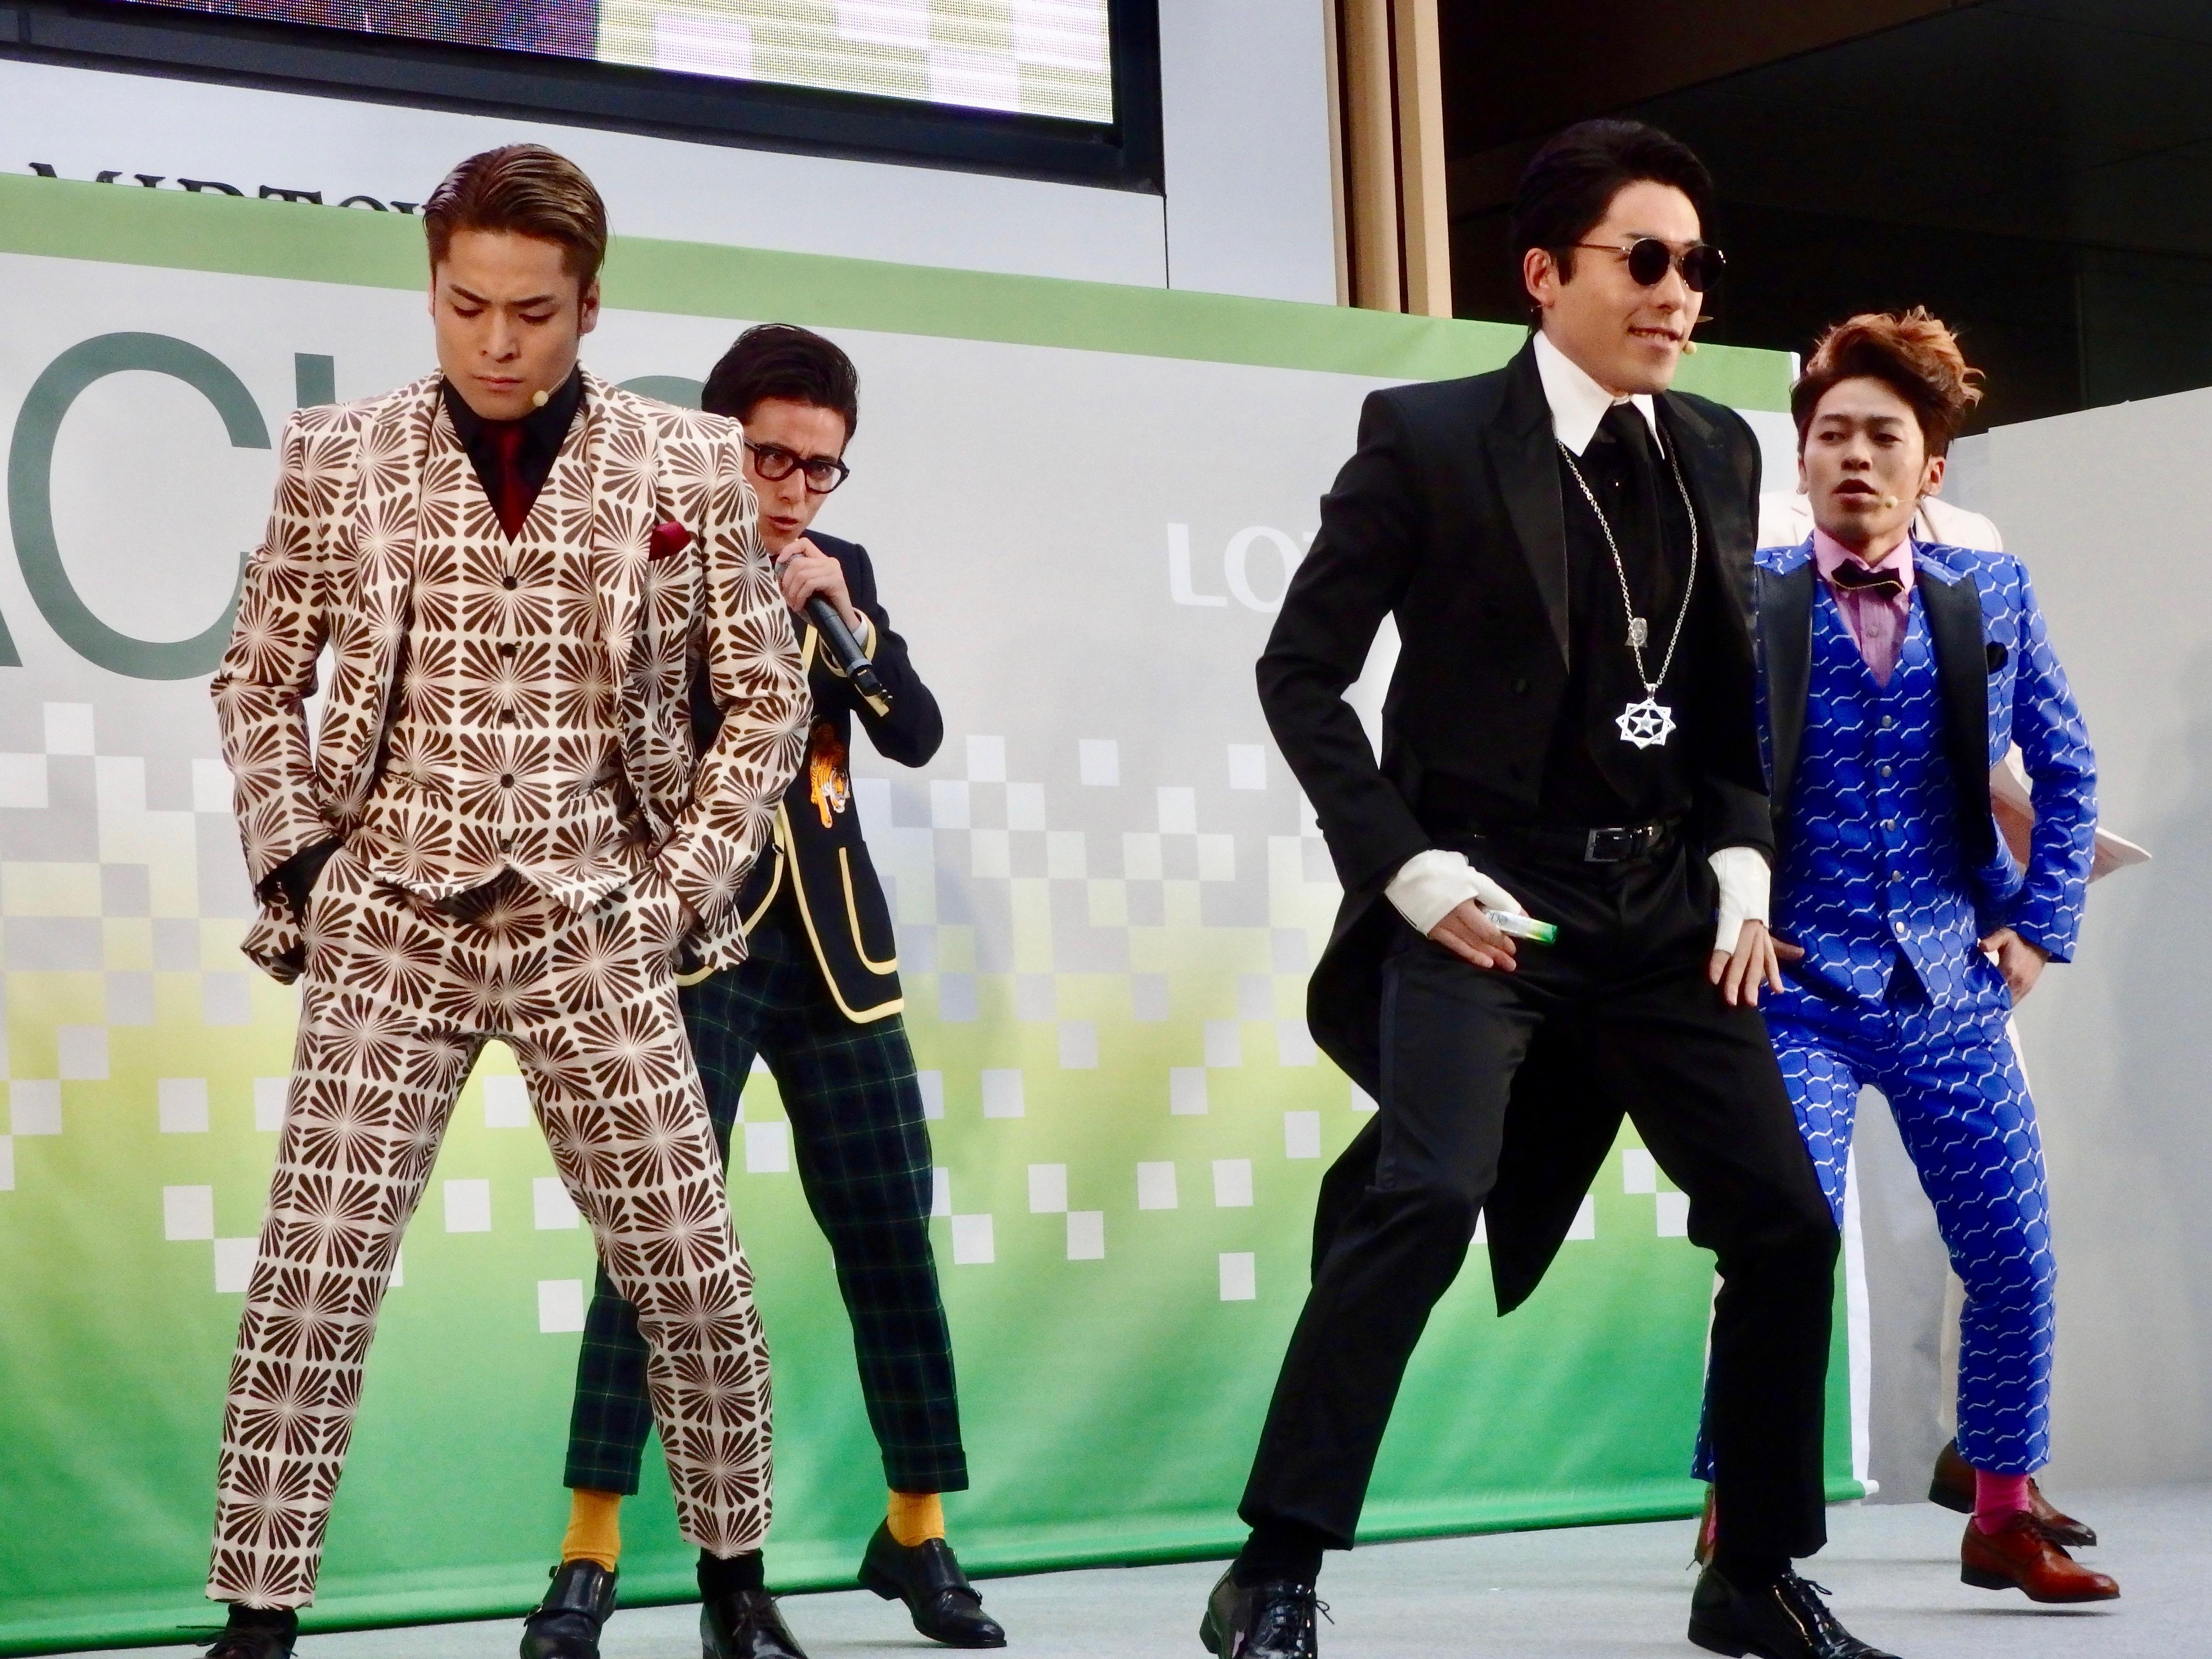 http://news.yoshimoto.co.jp/20170417185156-e7ab44b12199dc40e740ce1b52ae98e4f8534a1e.jpg